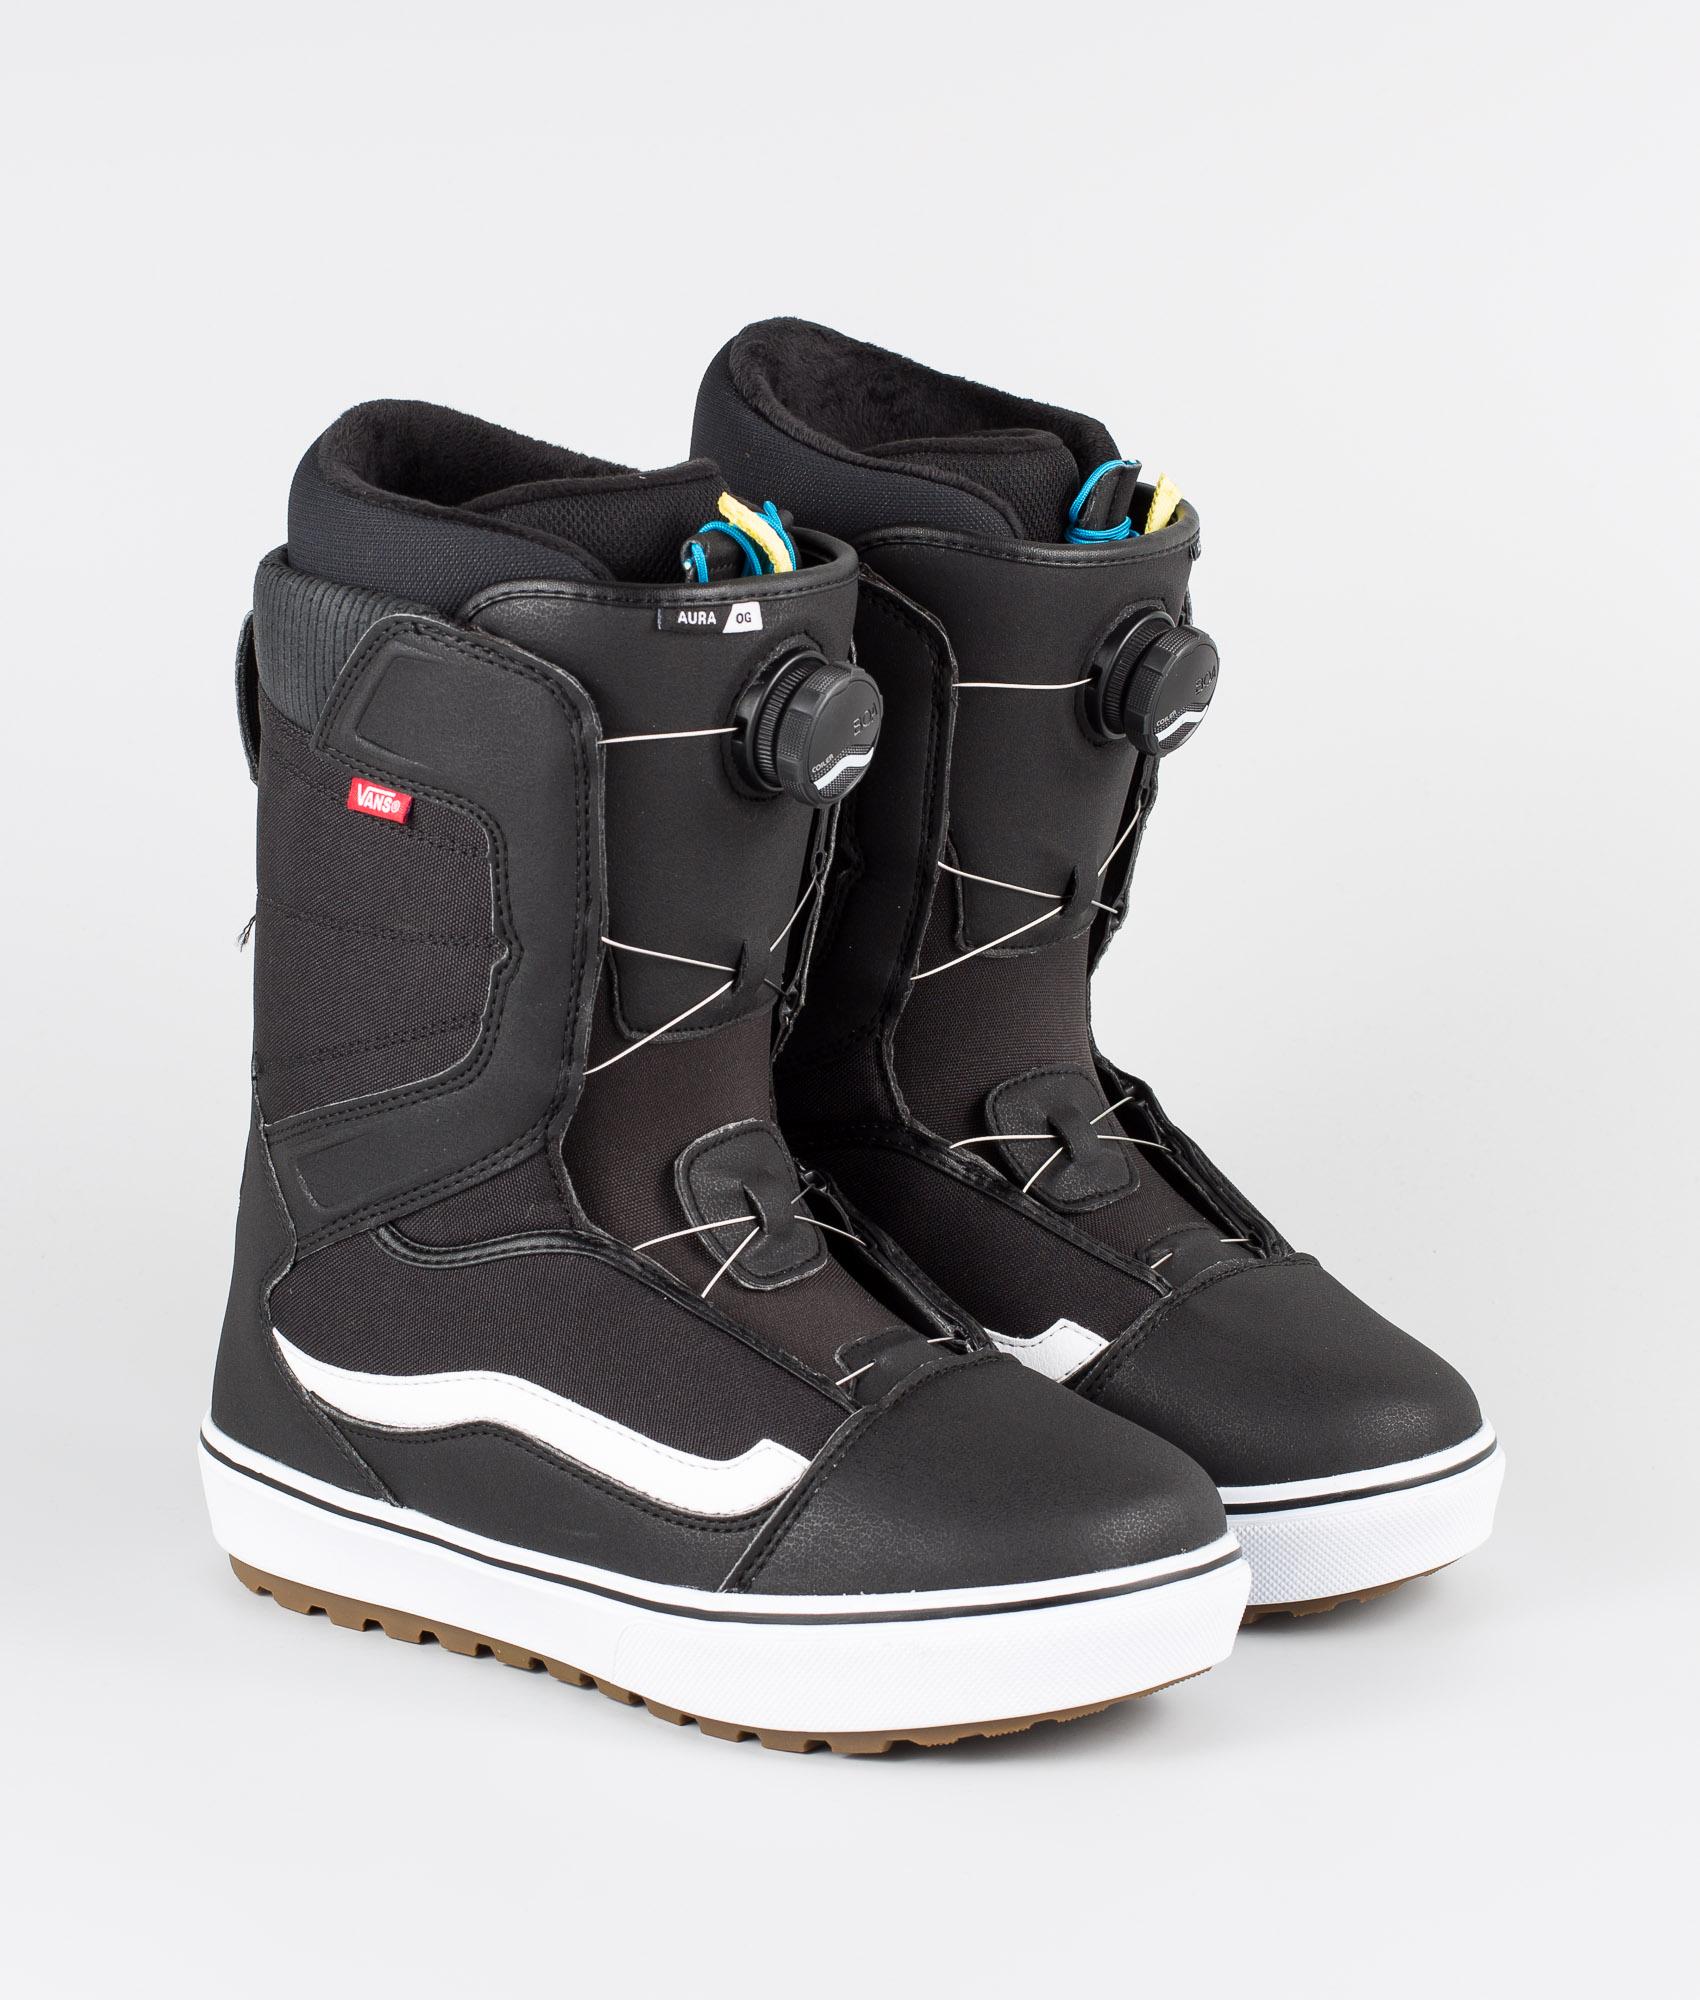 Snowboardschoenen Heren Gratis verzending  f70a7299370ce867c5dd2f4a82c1f4c2    RIDESTORE    Snowboardschoenen Heren   title=  f70a7299370ce867c5dd2f4a82c1f4c2    Gratis verzending  f70a7299370ce867c5dd2f4a82c1f4c2     RIDESTORE